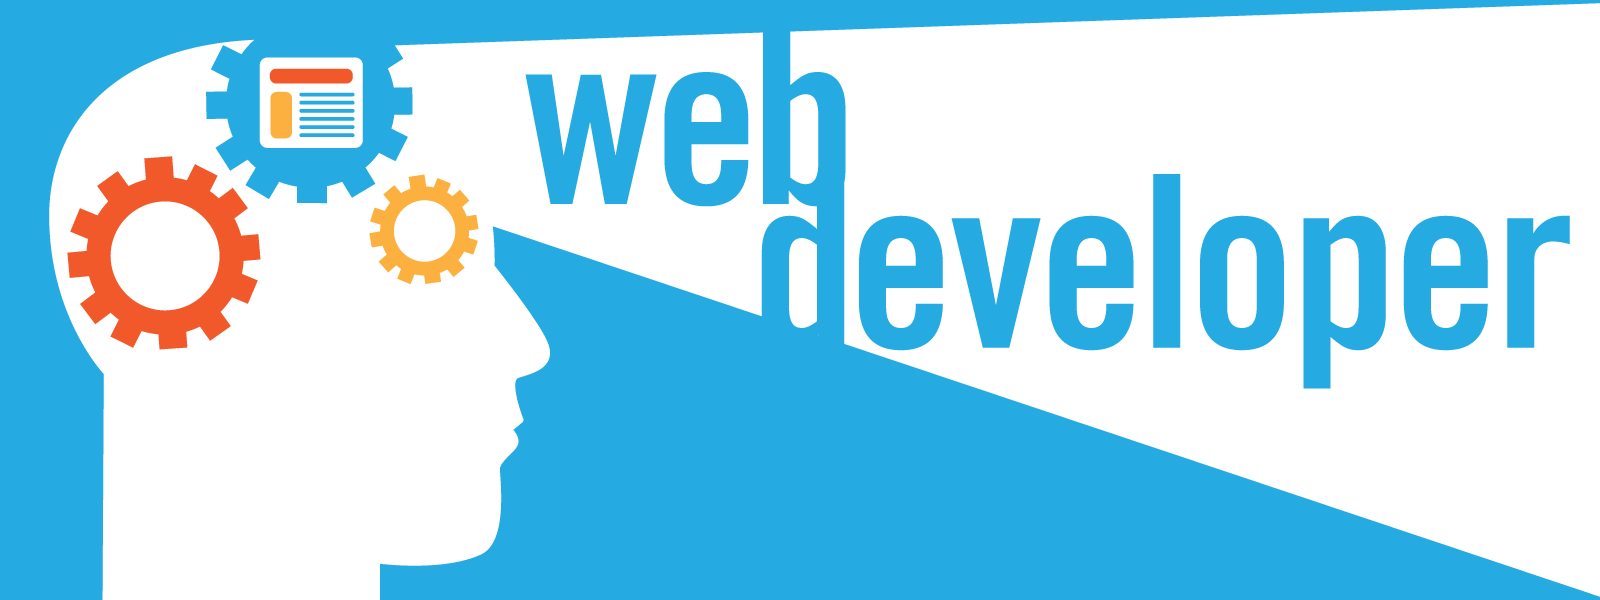 Carousel_Web_Developer